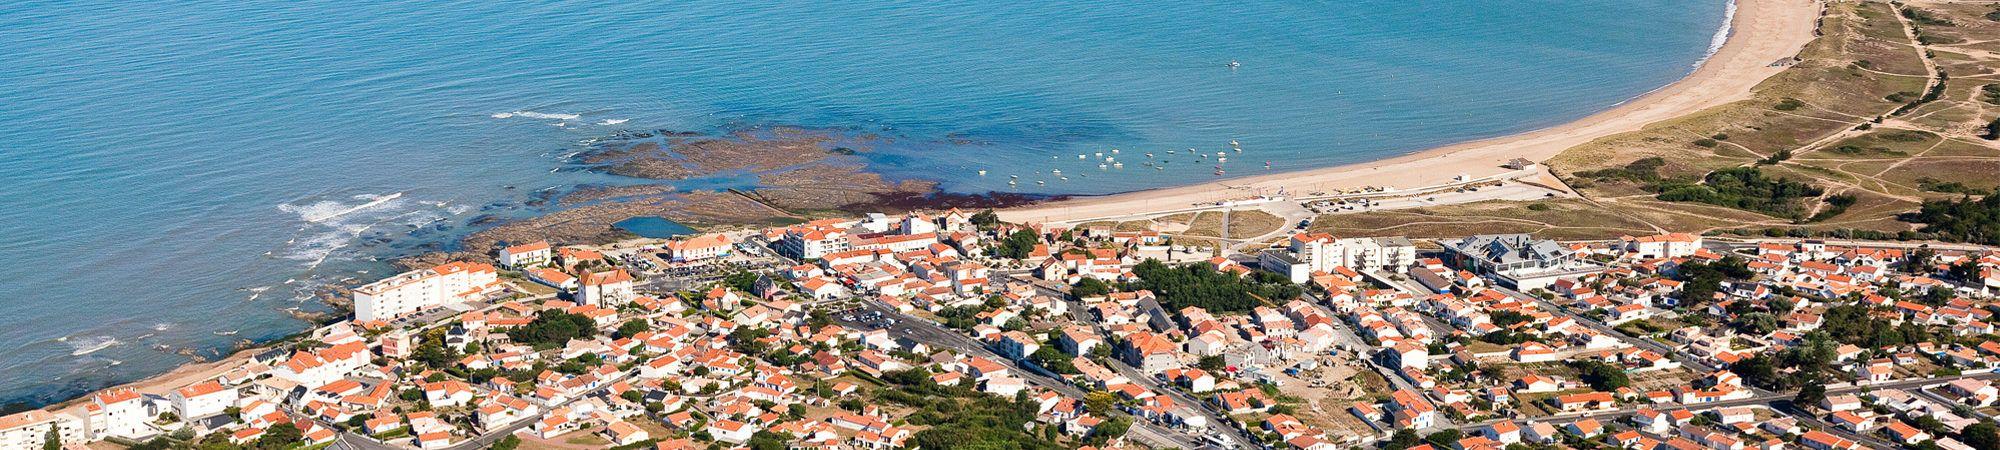 Bandeau de la page 'Office de tourisme du Pays de Saint-Gilles-Croix-de-Vie